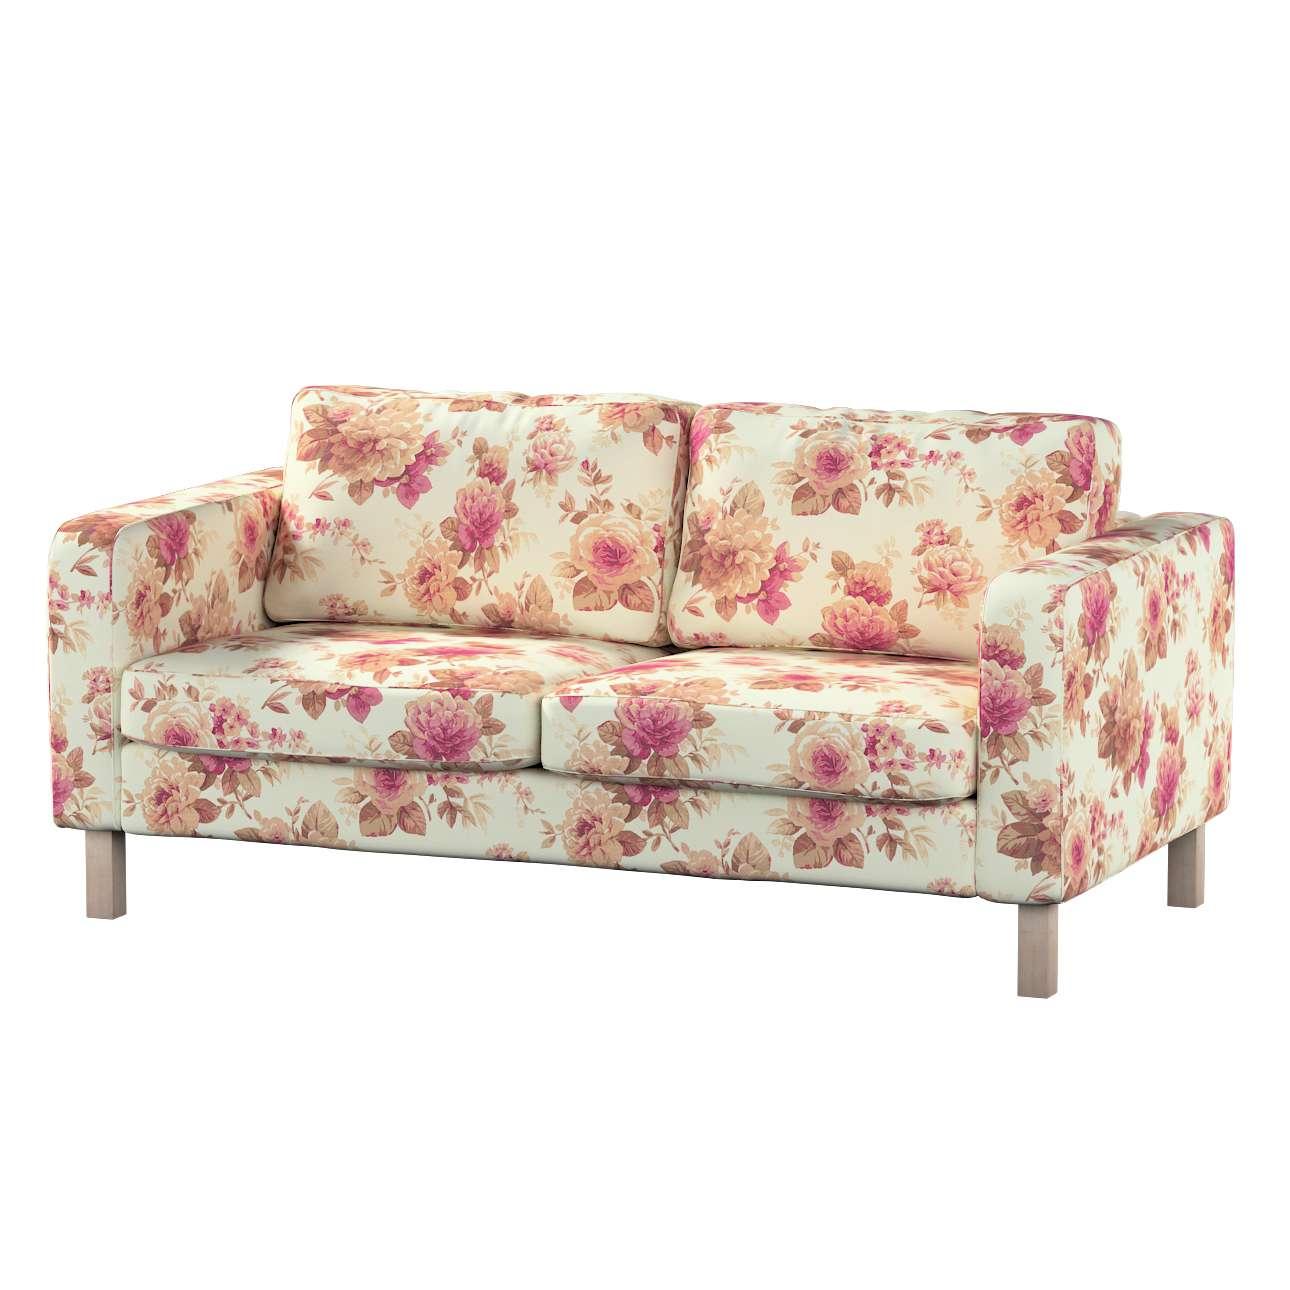 Karlstad 2-Sitzer Sofabezug nicht ausklappbar Sofahusse, Karlstad 2-Sitzer von der Kollektion Mirella, Stoff: 141-06